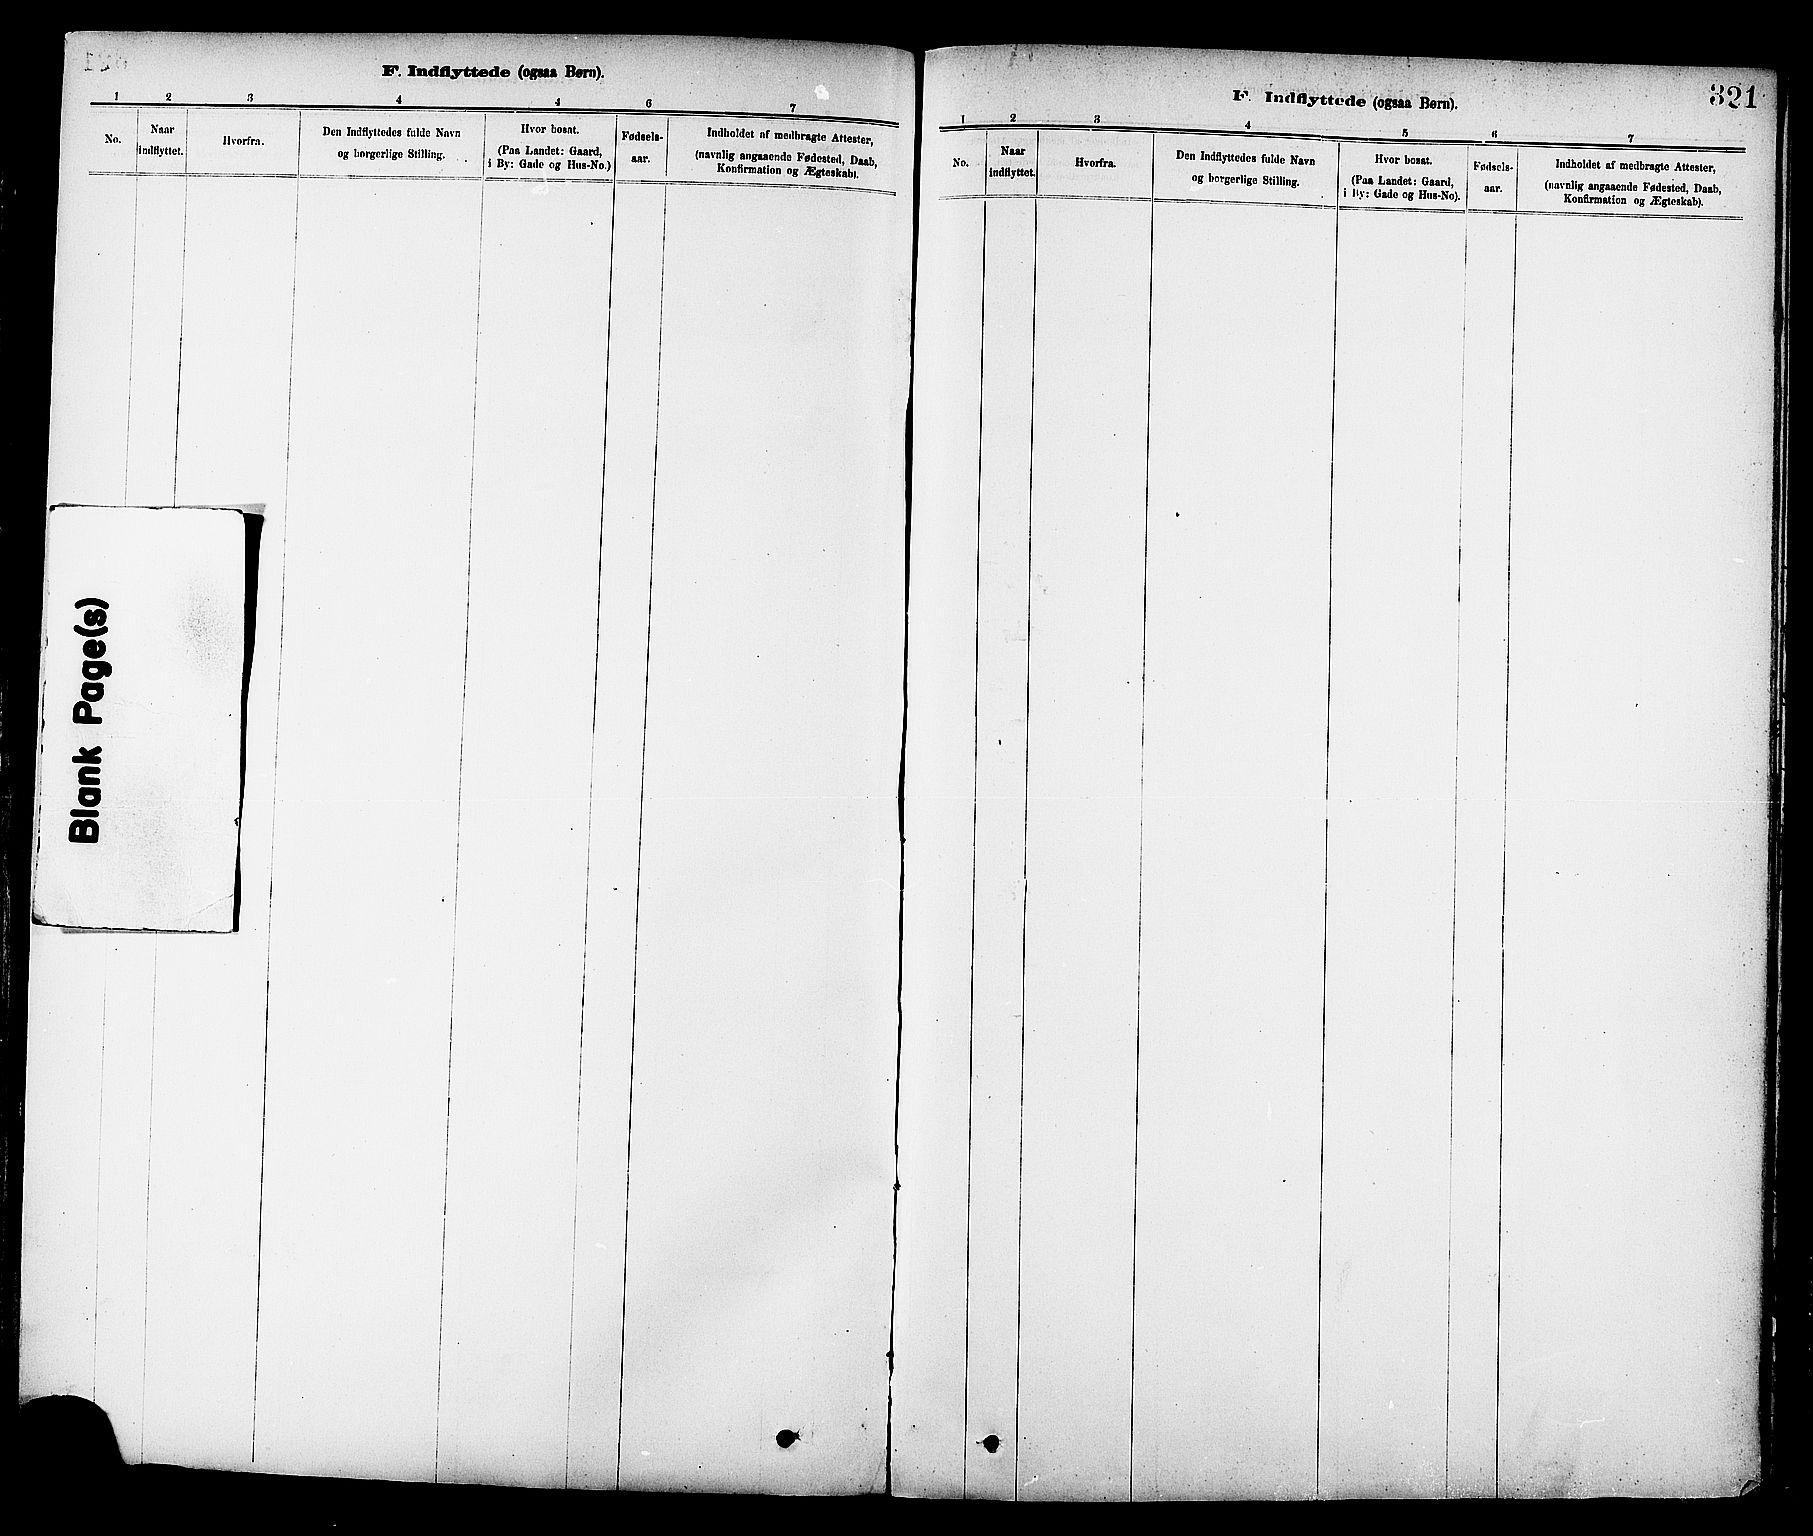 SAT, Ministerialprotokoller, klokkerbøker og fødselsregistre - Sør-Trøndelag, 647/L0634: Ministerialbok nr. 647A01, 1885-1896, s. 321